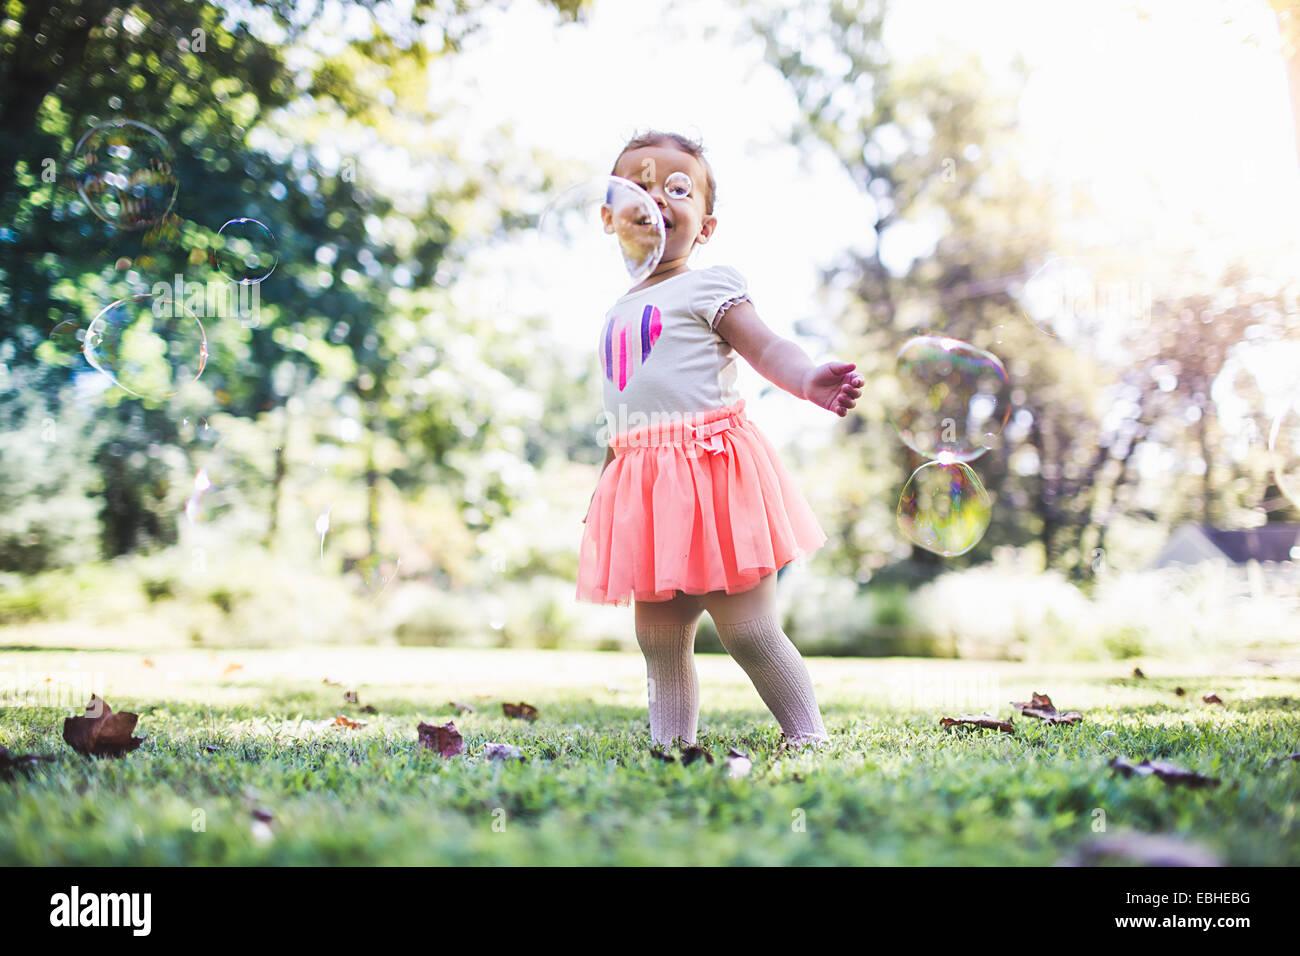 Bebé niña jugando con burbujas en el jardín Imagen De Stock